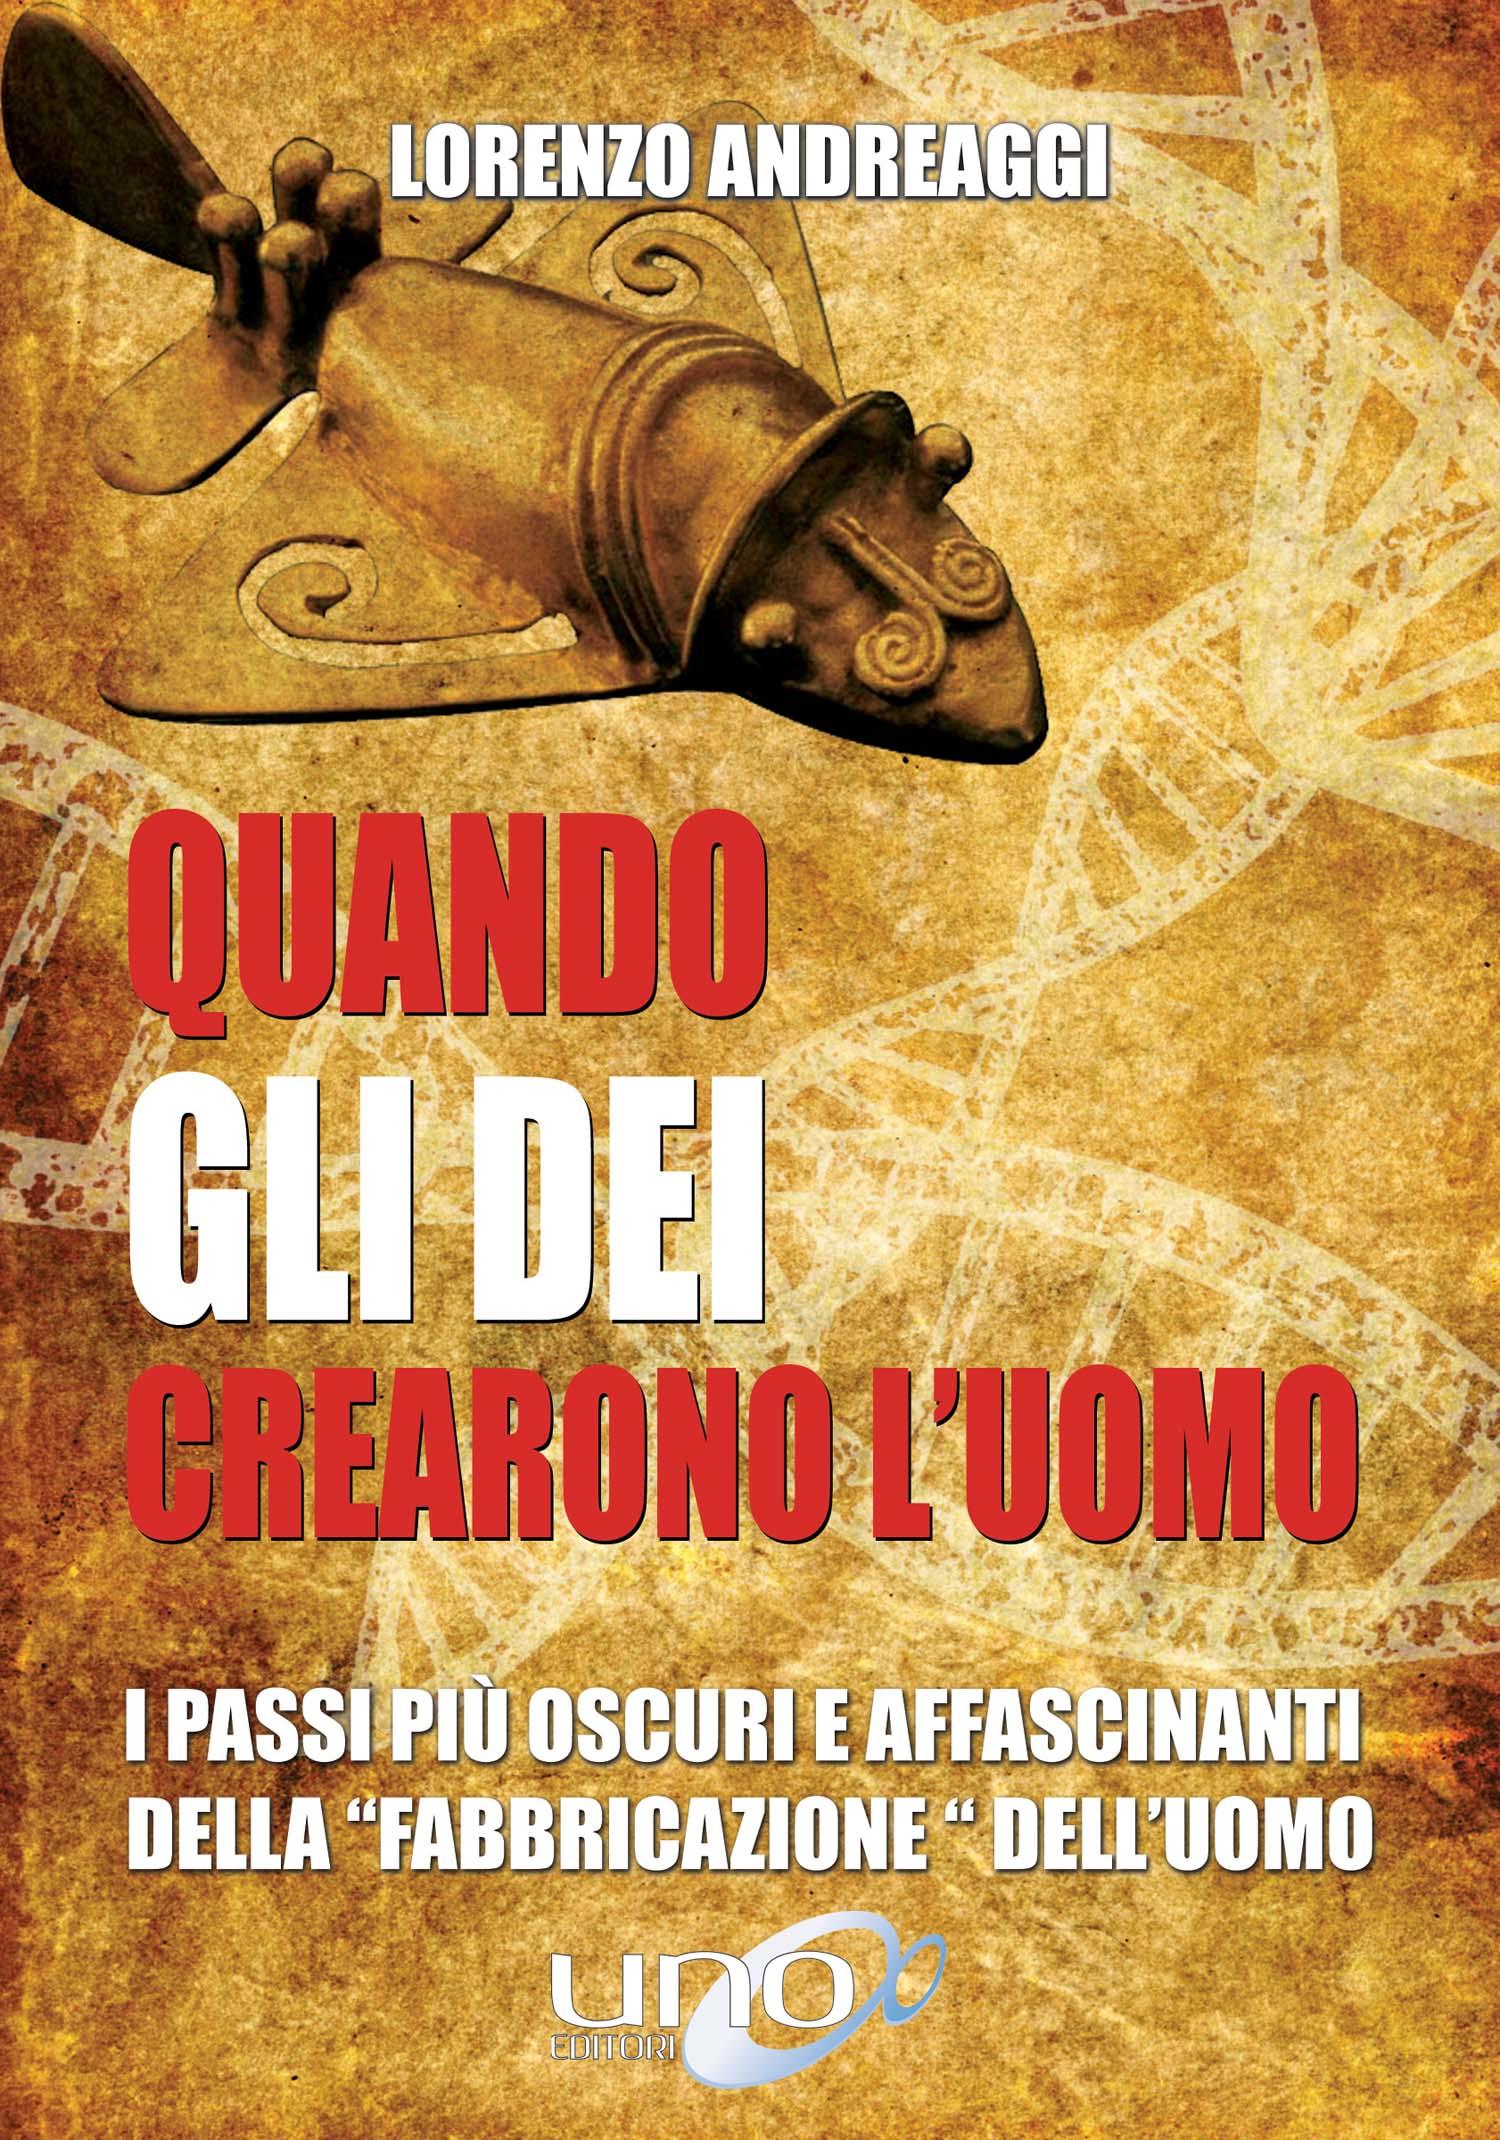 LORENZO ANDREAGGI - QUANDO GLI DEI CREARONO L'UOMO (DVD)